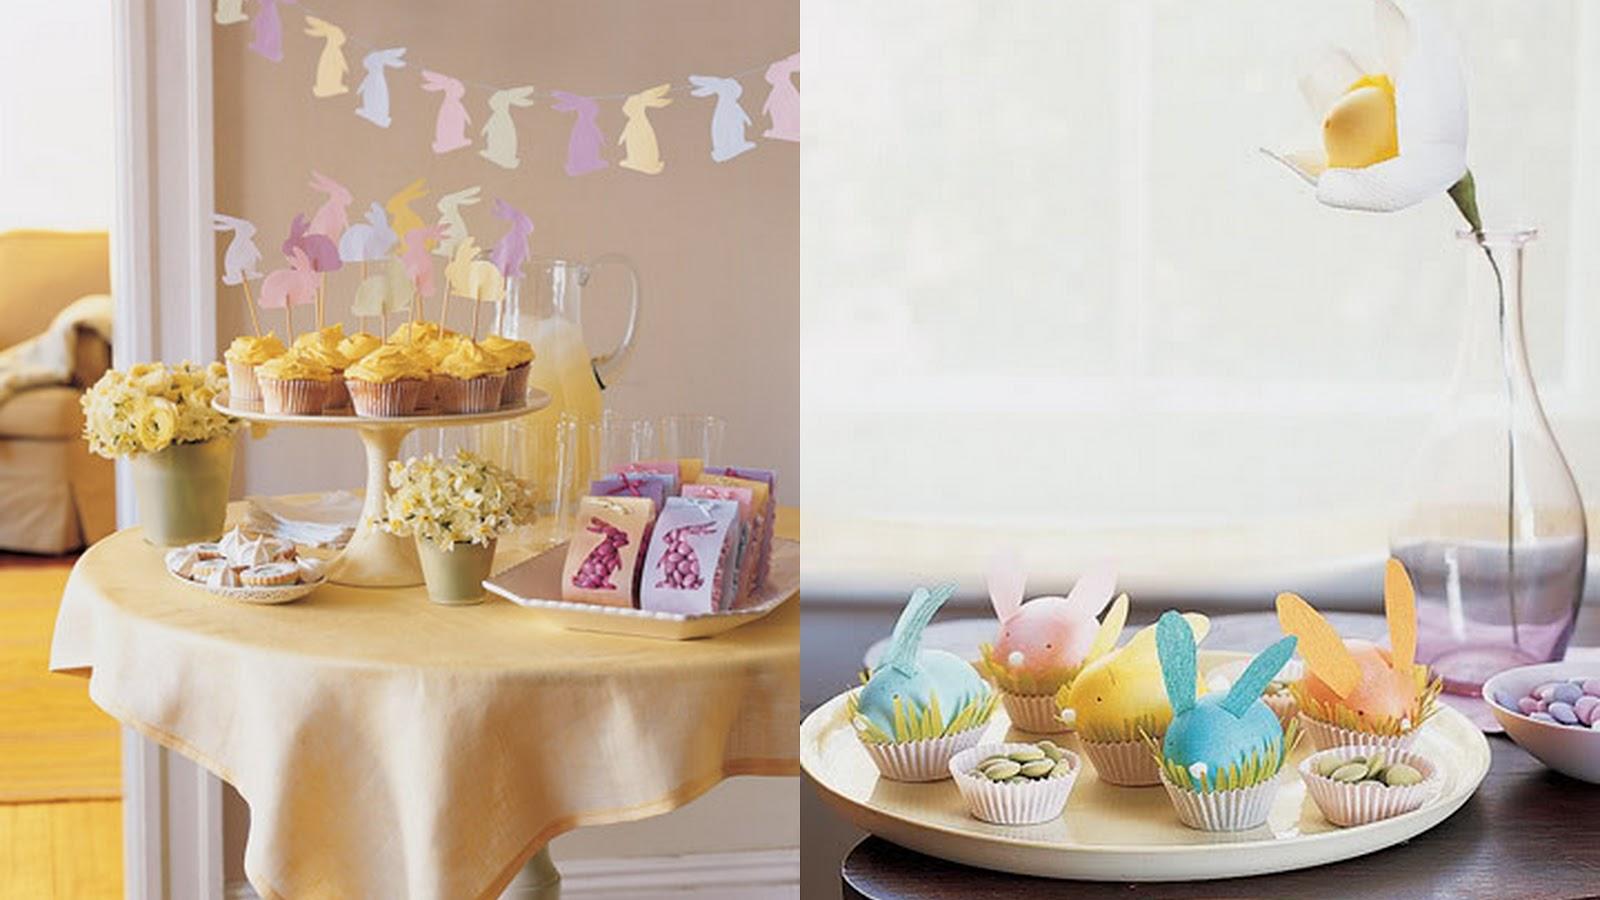 Spanglish chic easter ideas ideas para celebrar pascua - Ideas para decorar mesas ...